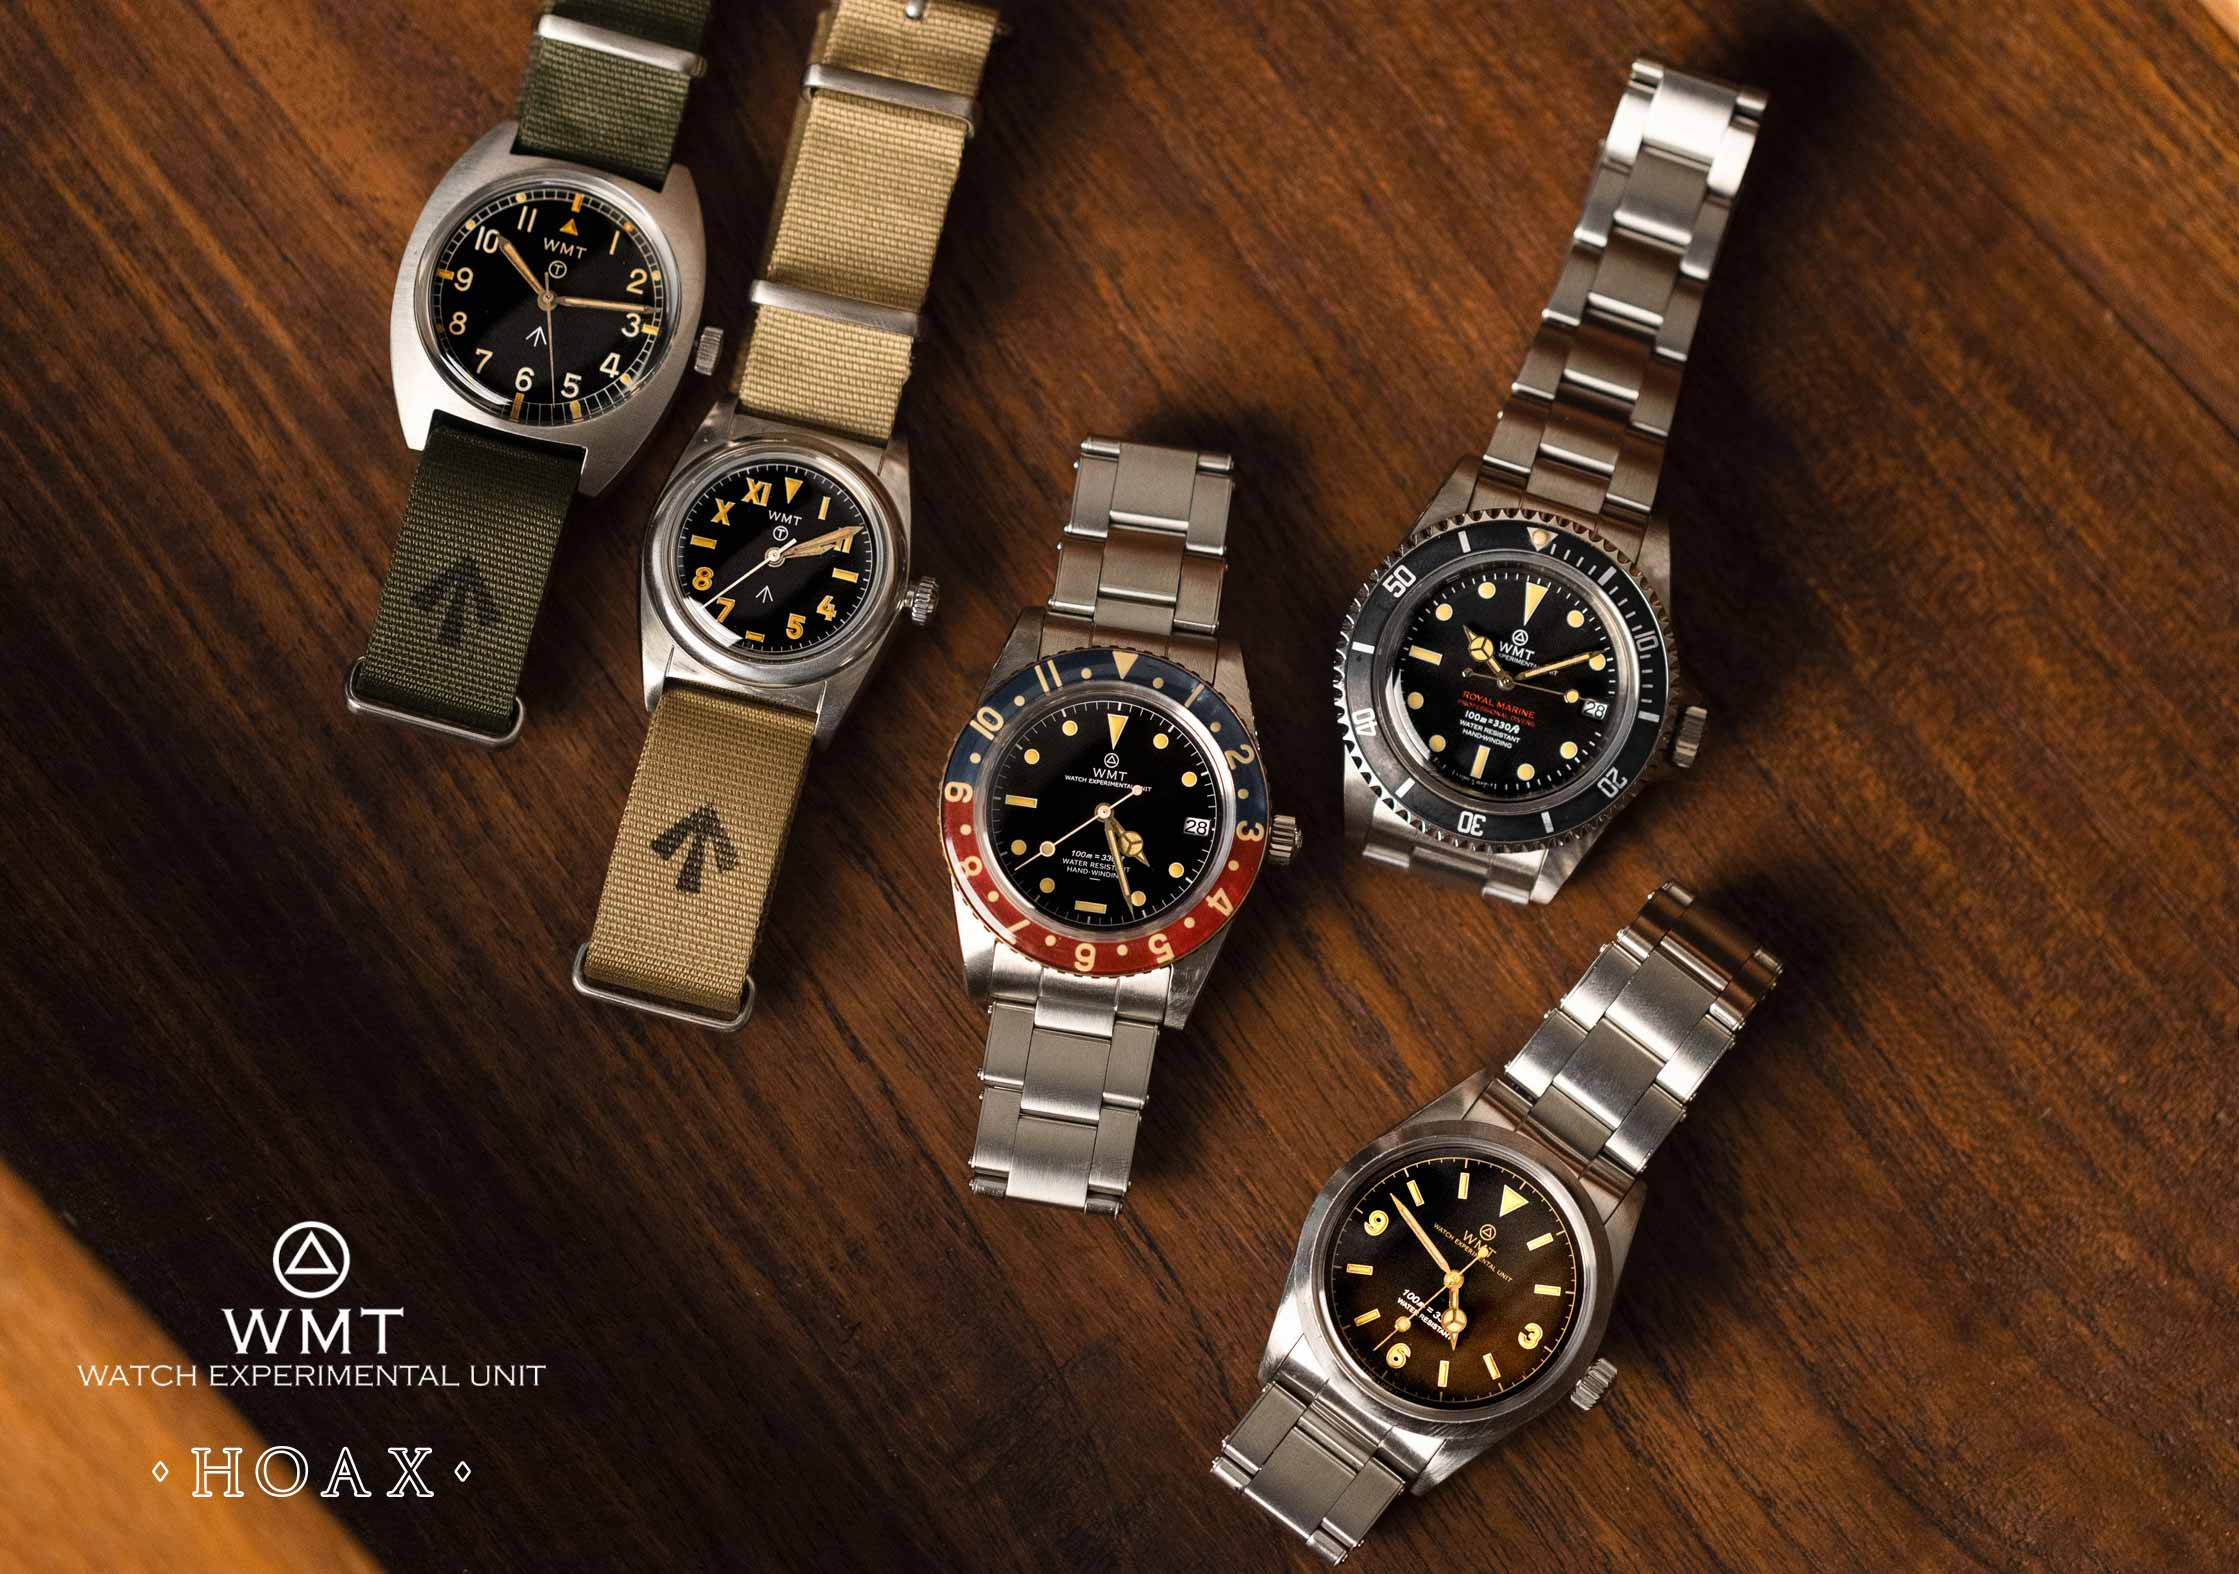 WMT Watches